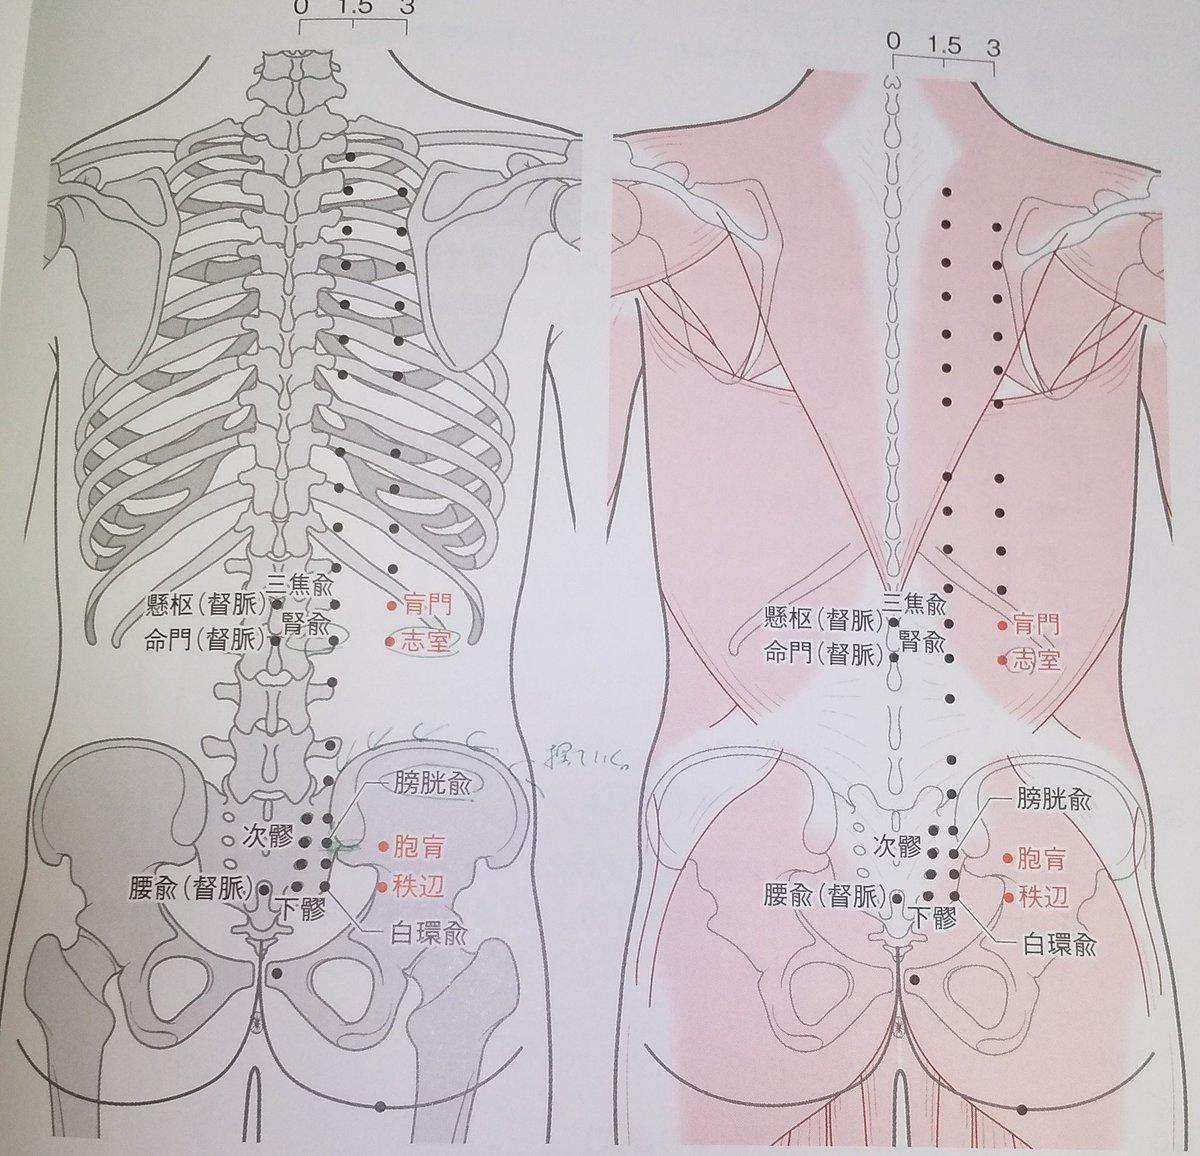 🔸志室:膀胱経  ・腰部、第2腰椎棘突起下縁と同じ高さ、後正中線の外方3寸  ※第12肋骨端下縁の内方  ・広背筋>胸背神経  ・脊柱起立筋>脊髄神経後枝  ・感覚神経>腰神経後枝  ・血管>腰動脈背枝  ・主治>消化不良、腹脹、嘔吐、遺精、陽萎、陰部の腫れ/痛み小便淋瀝、浮腫、不眠、健忘、多夢、↓